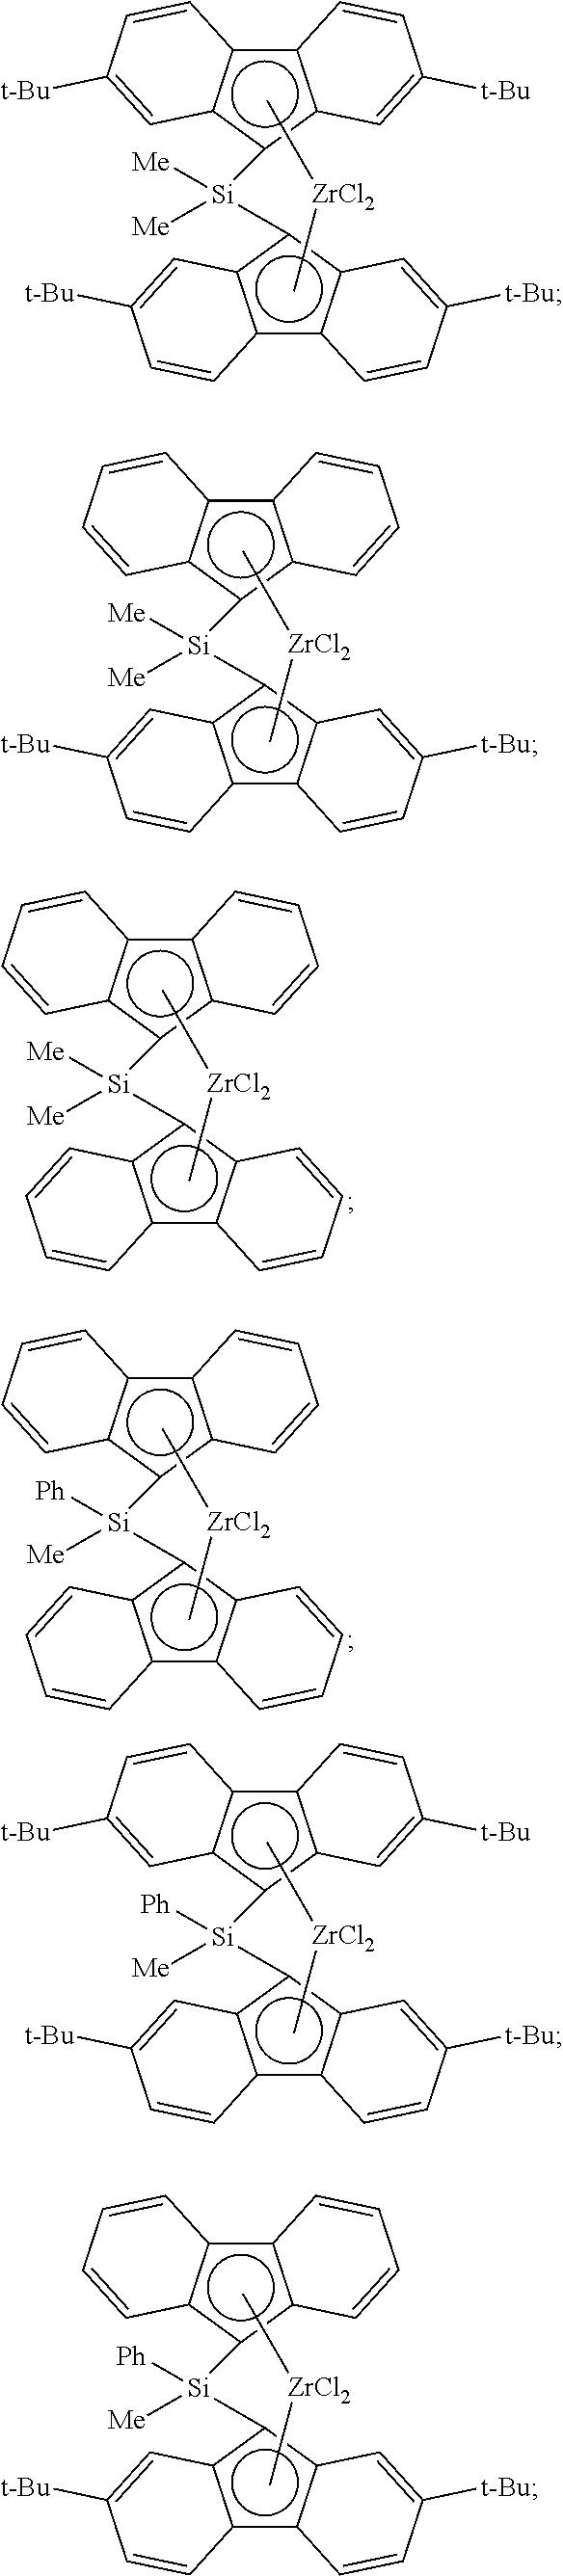 Figure US08609793-20131217-C00026